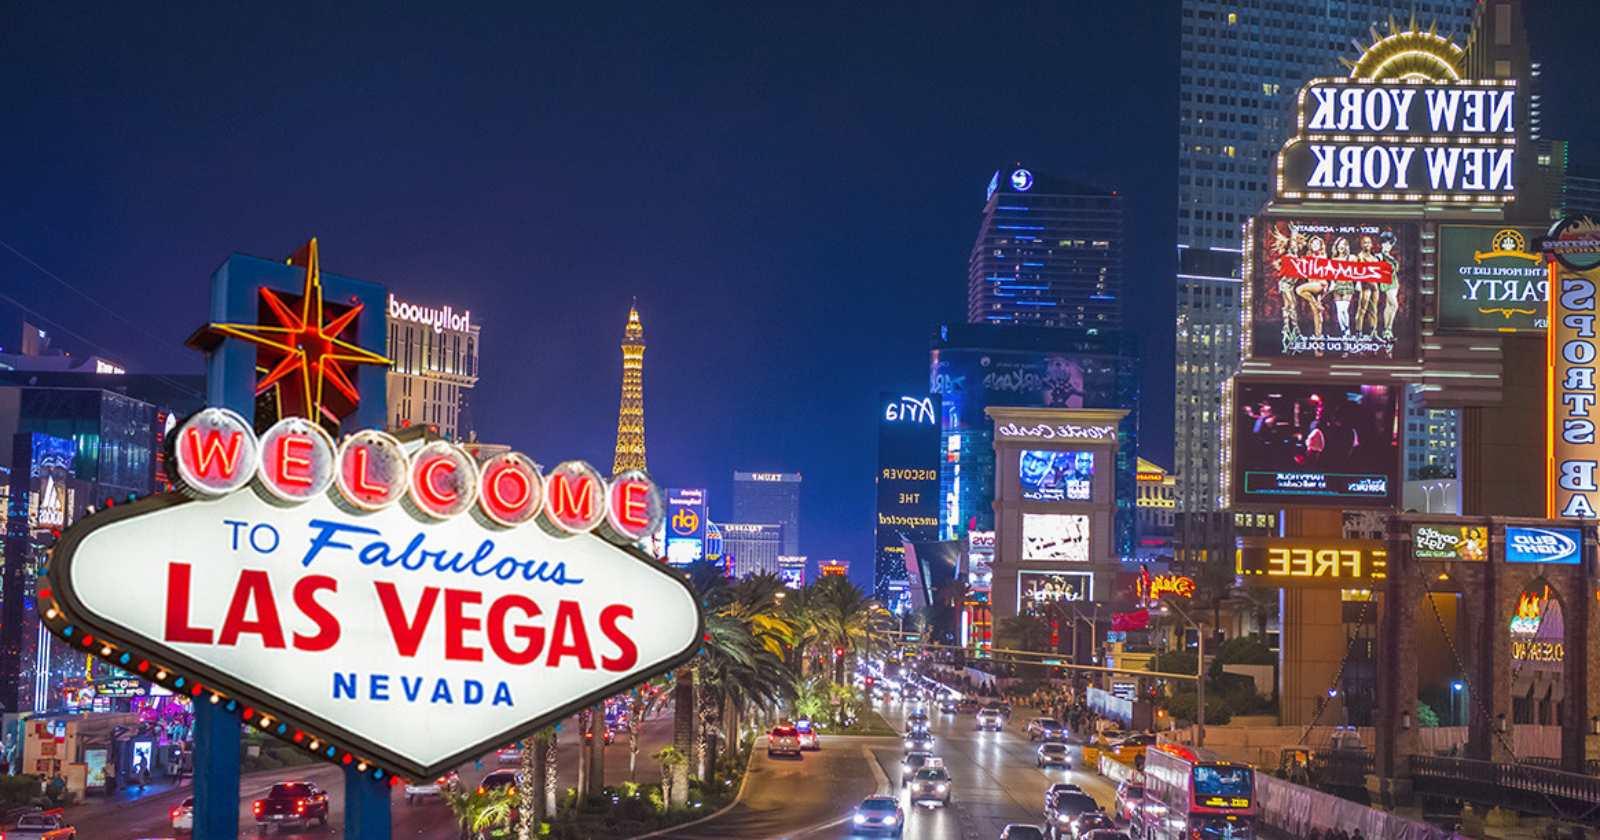 Escándalo por decisión de la alcaldesa de Las Vegas de reabrir casinos